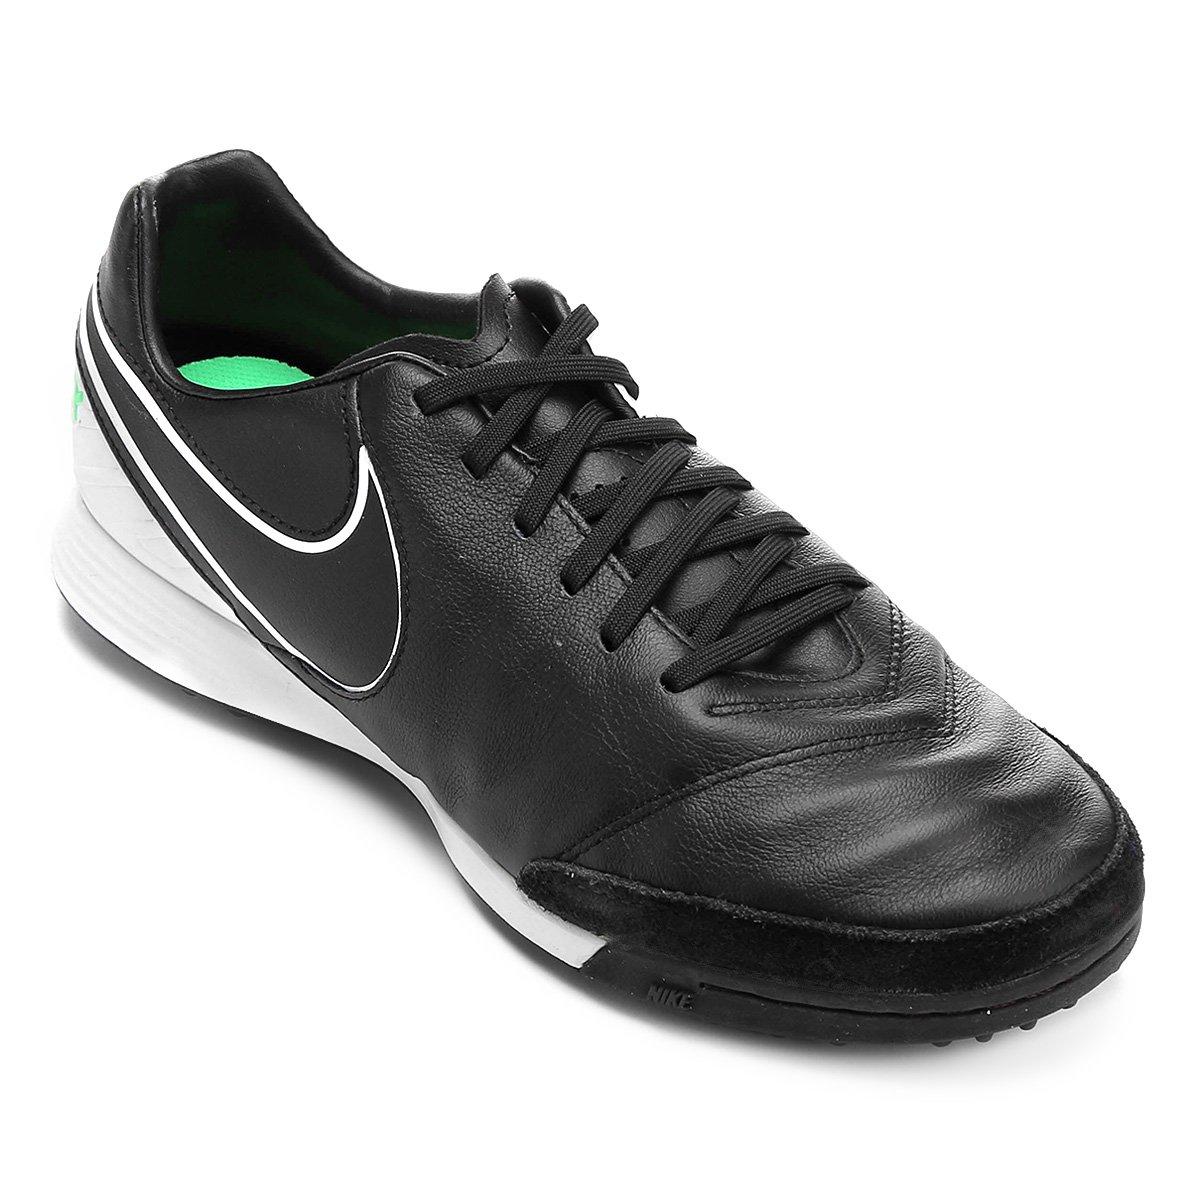 Chuteira Society Nike Tiempo Mystic 5 TF - Preto e verde - Compre ... 88cfa31ed7206